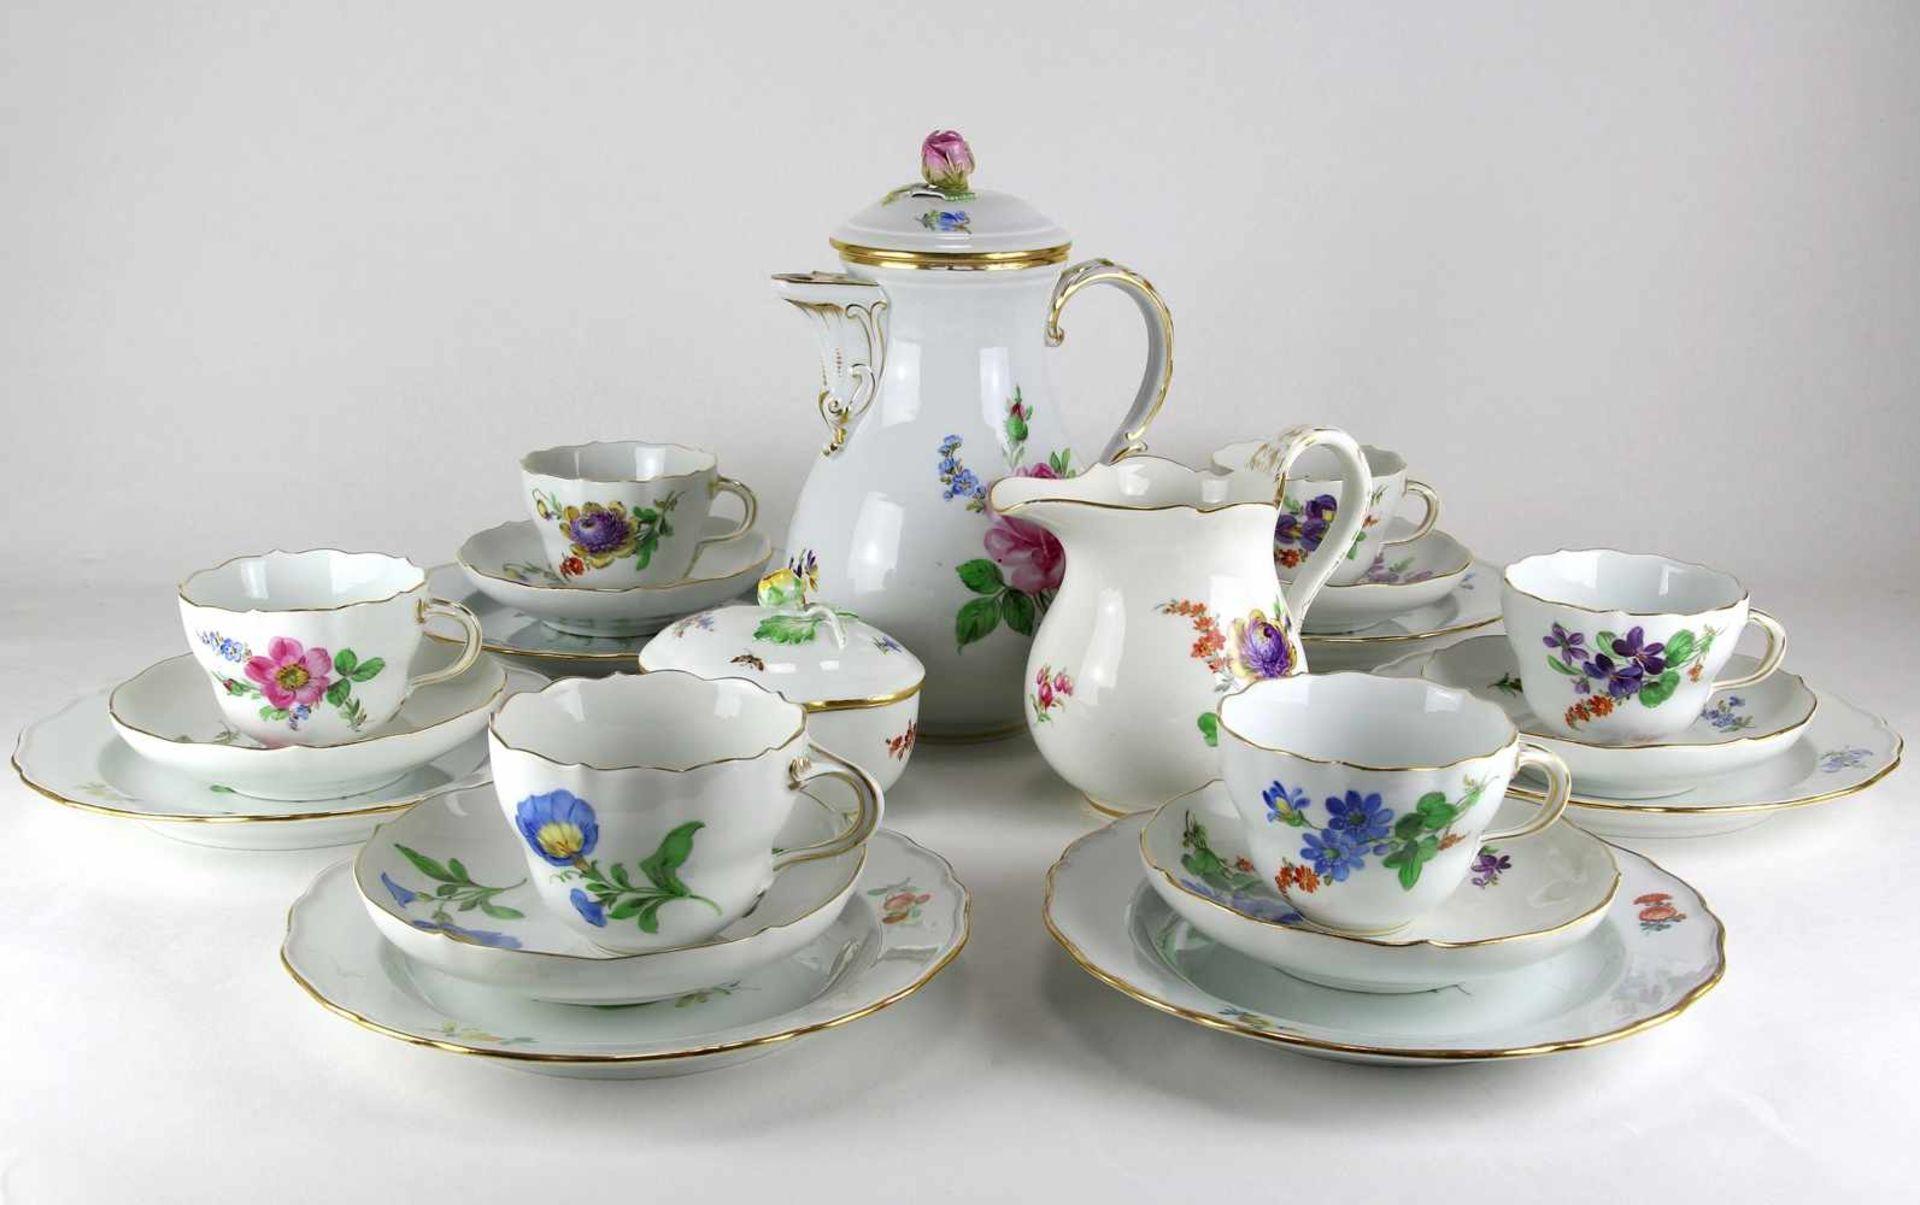 KaffeeserviceMeissen 20. Jh. Form Neuer Ausschnitt meist mit Blumenbuket und zwei Beiblumen.